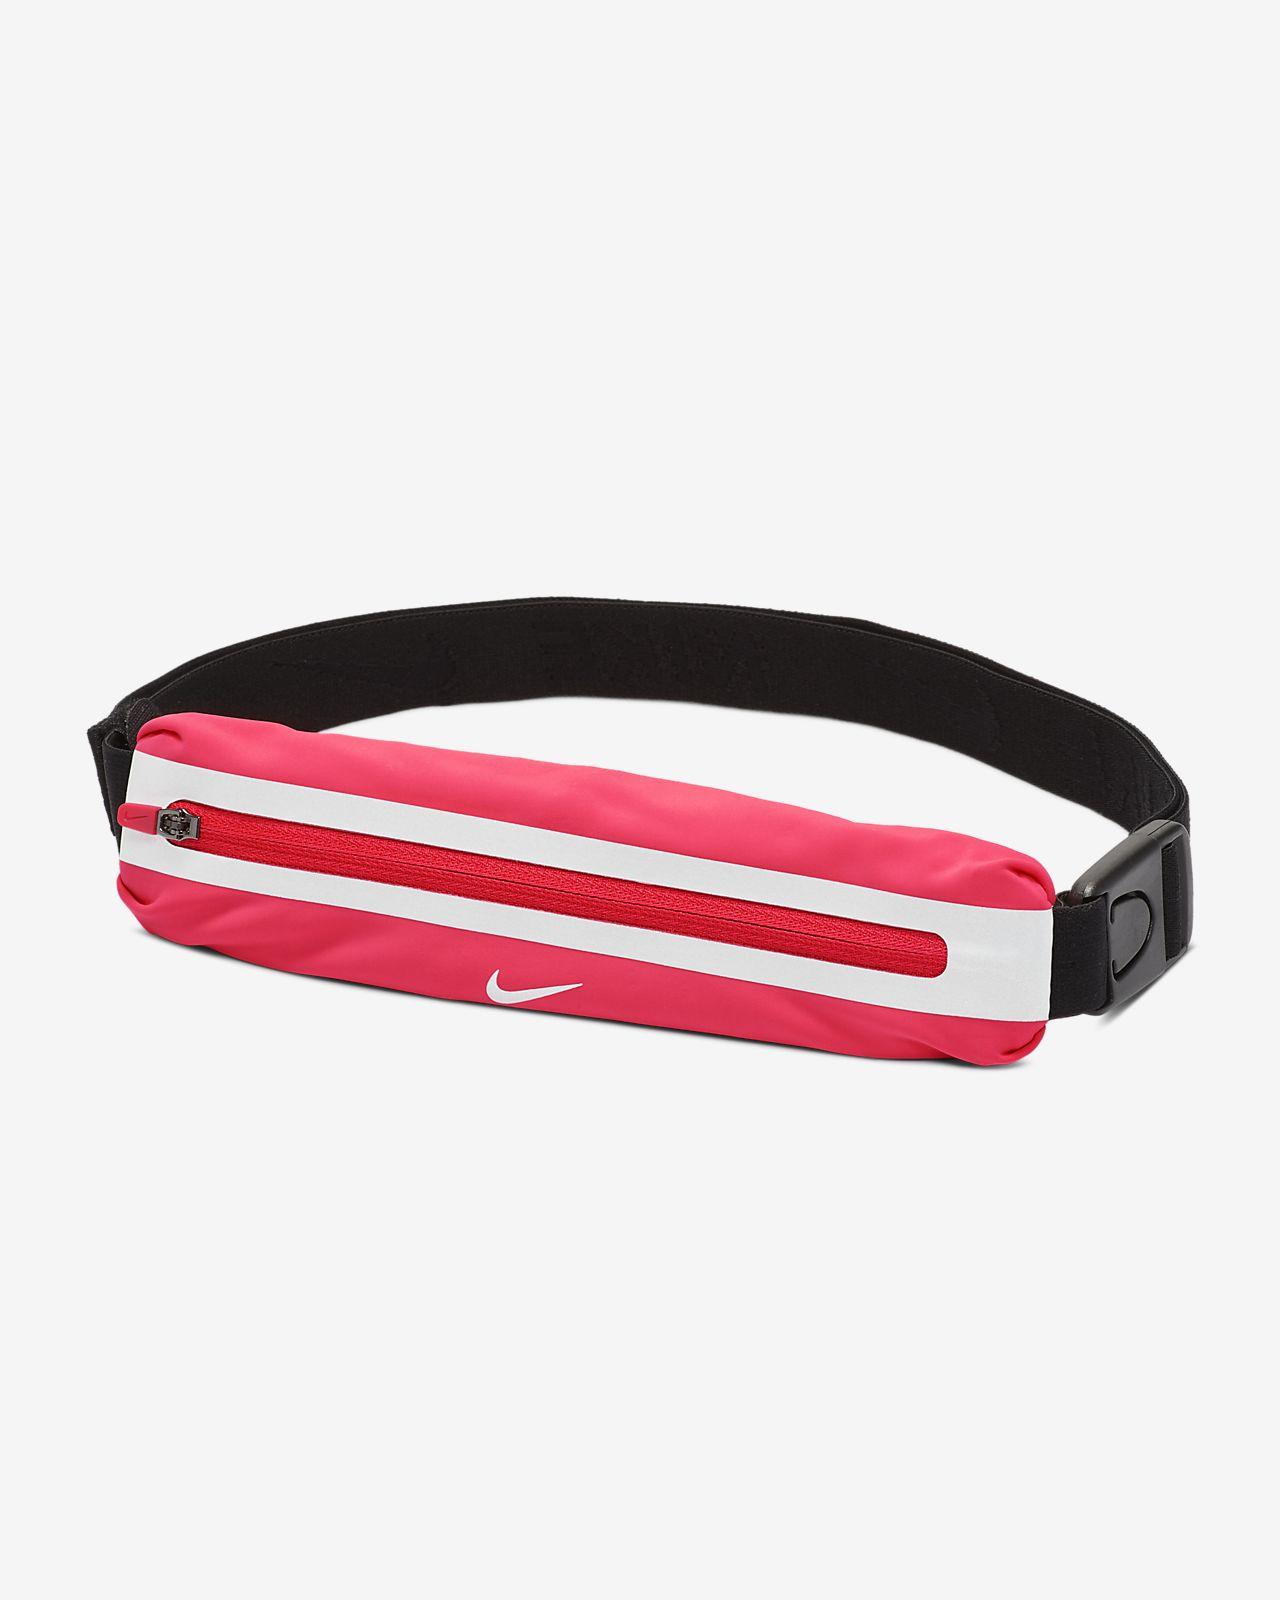 Λεπτό τσαντάκι μέσης Nike 2.0